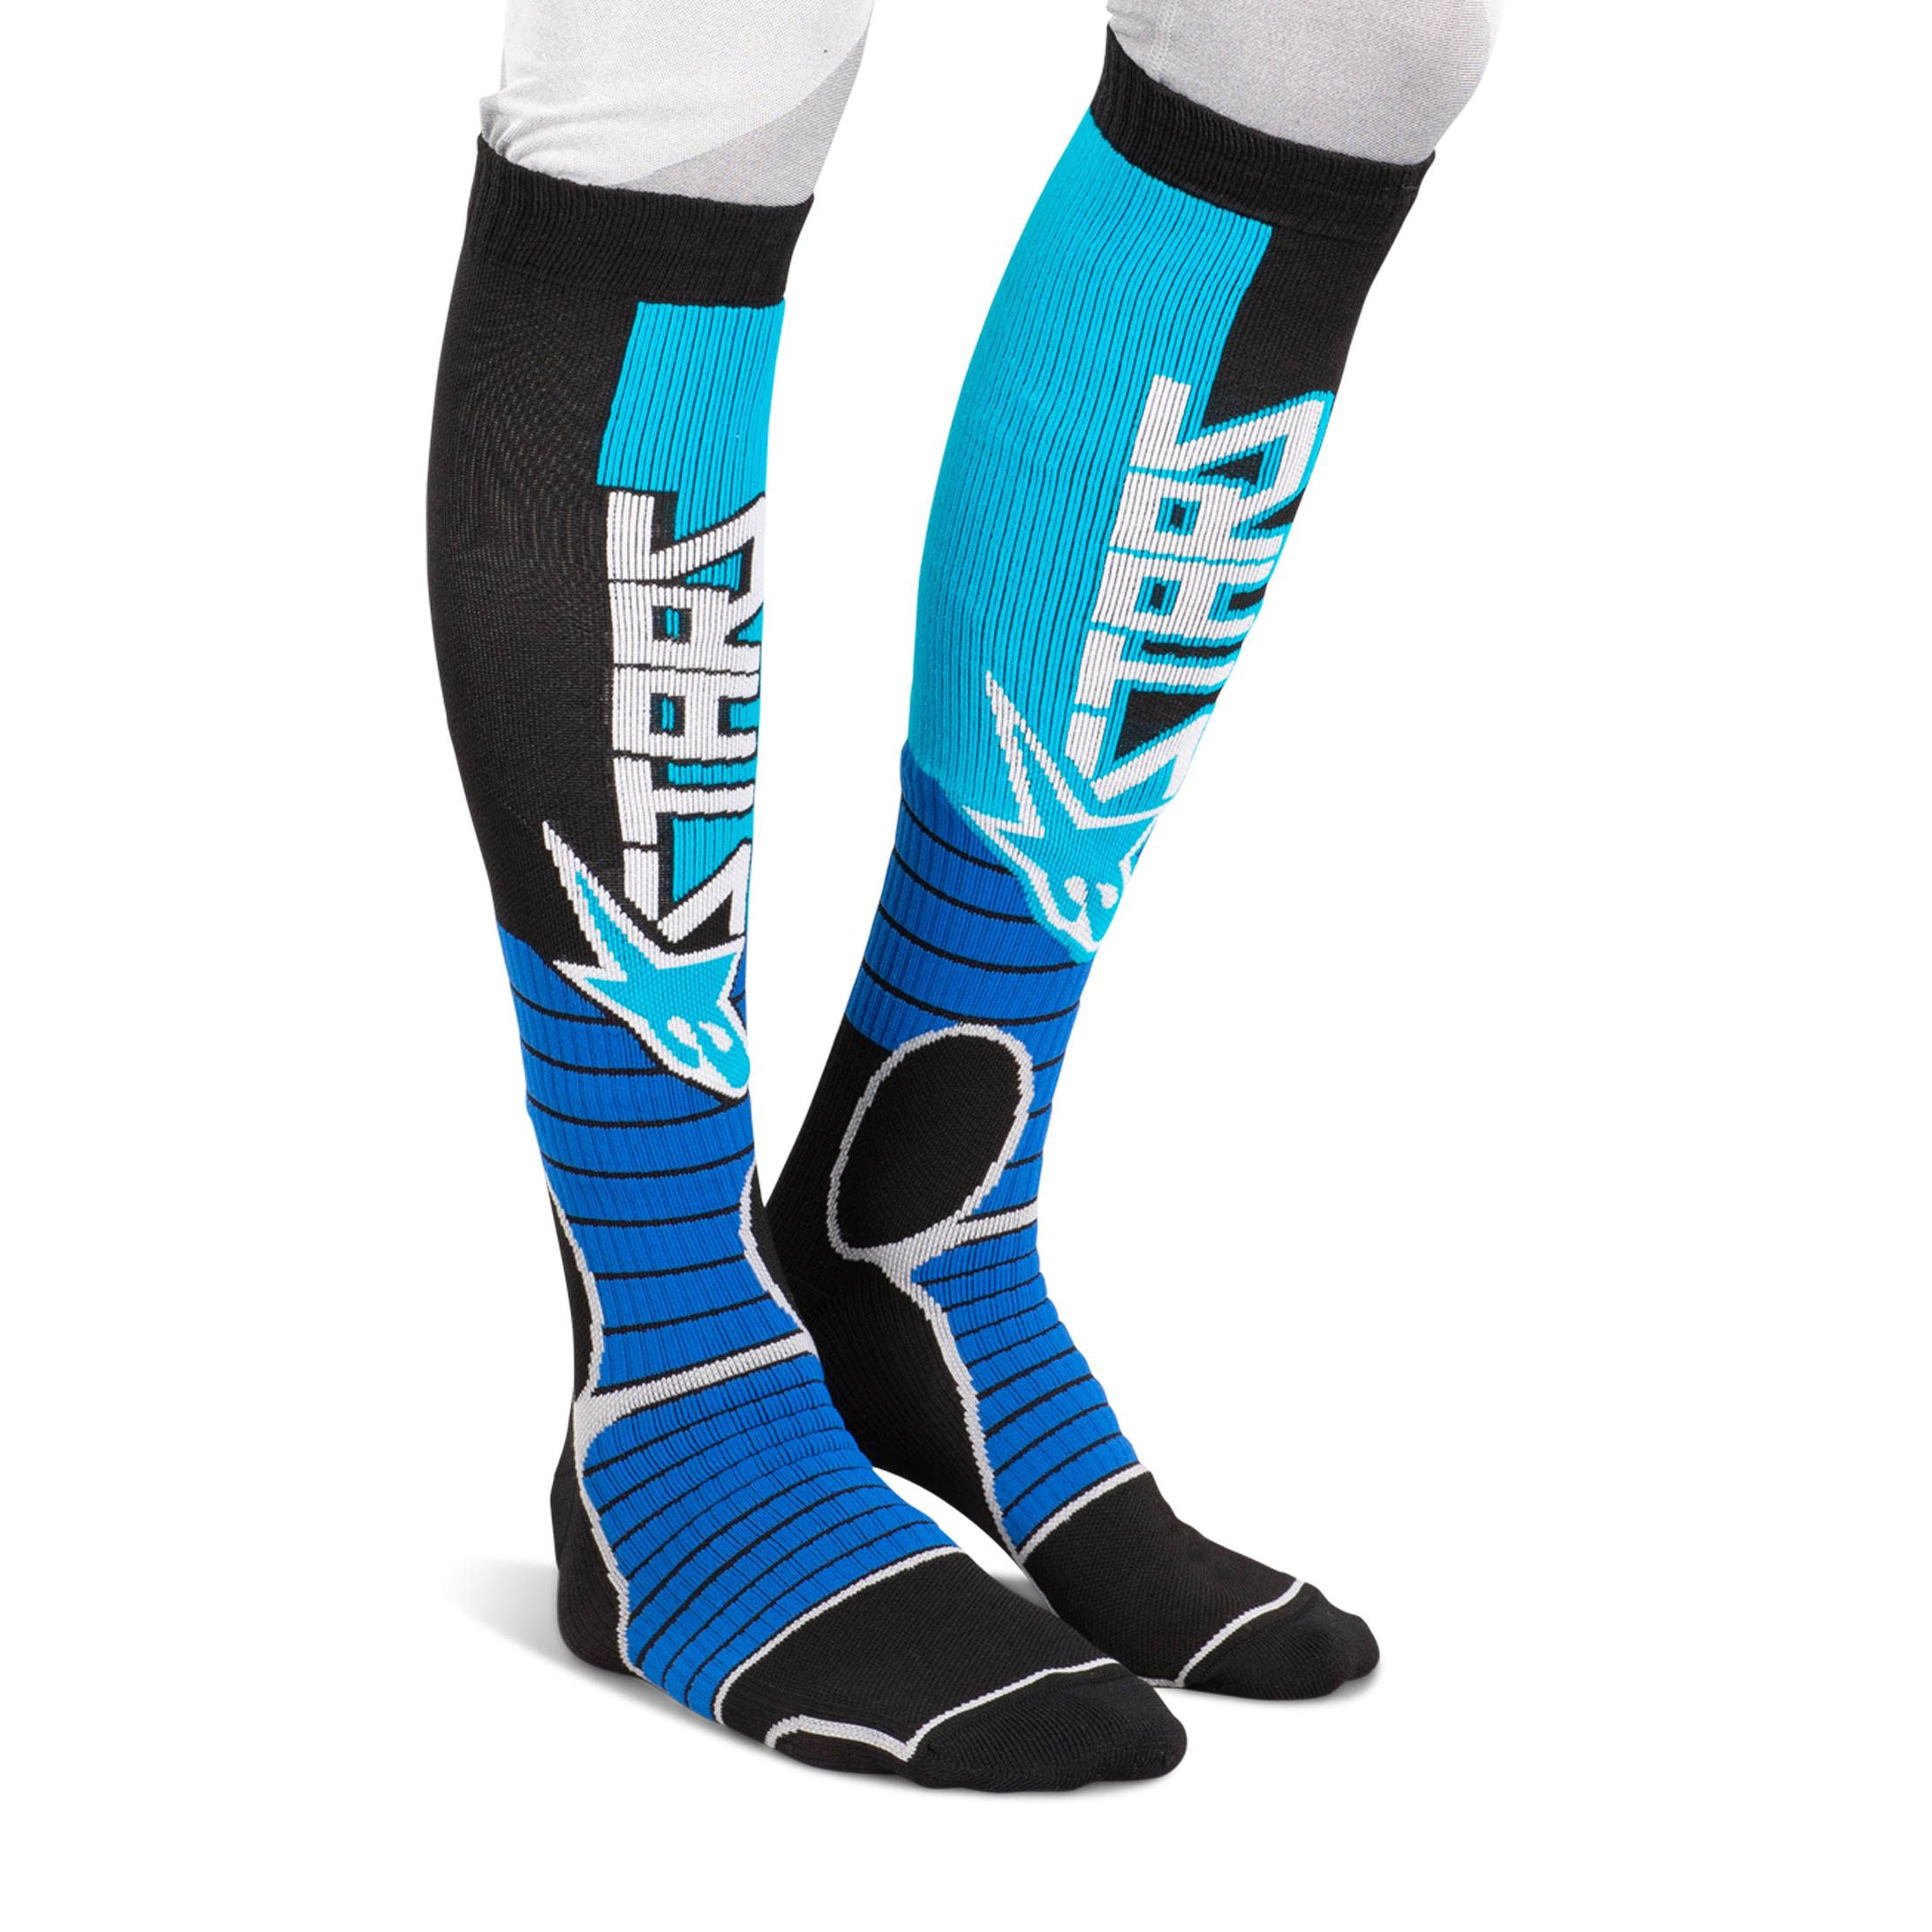 Alpinestars Calze Pro Blu-Nero